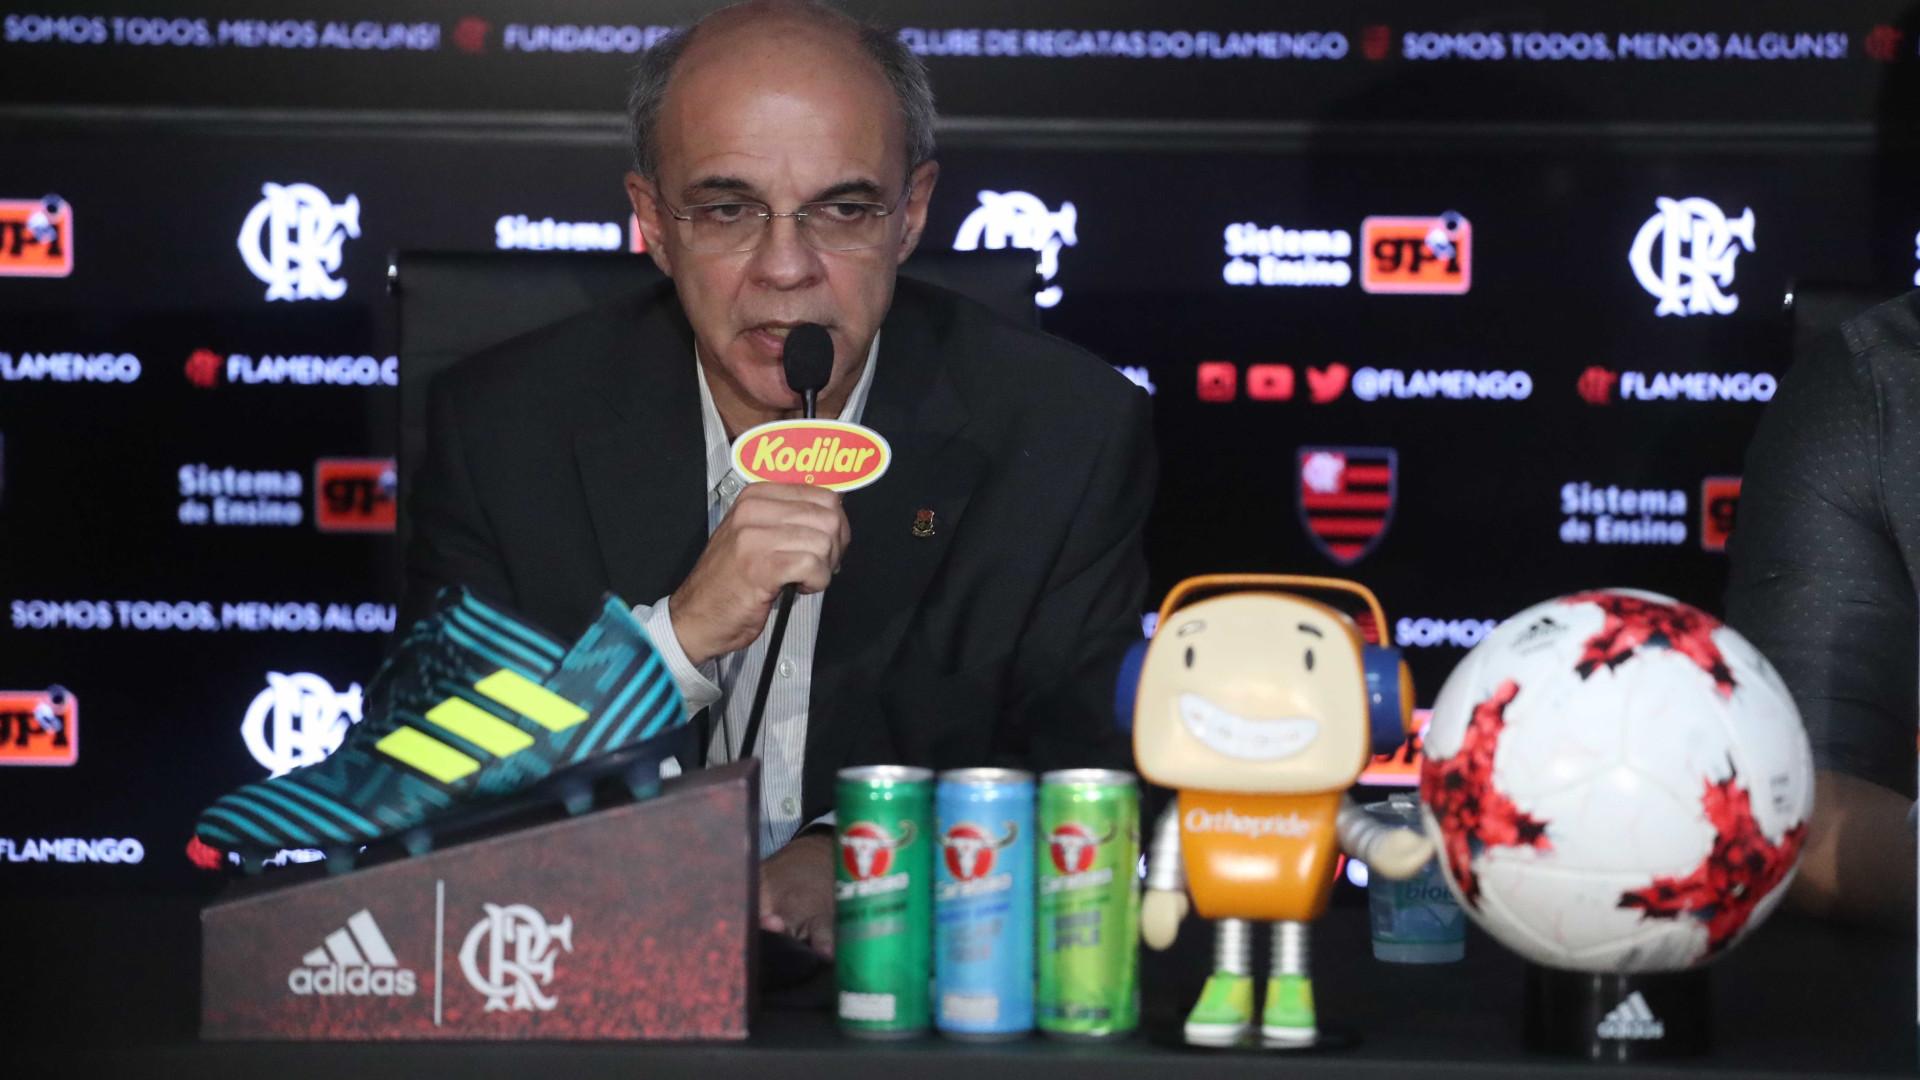 Presidente do Flamengo comenta possível retorno de Adriano: 'Sou fã'